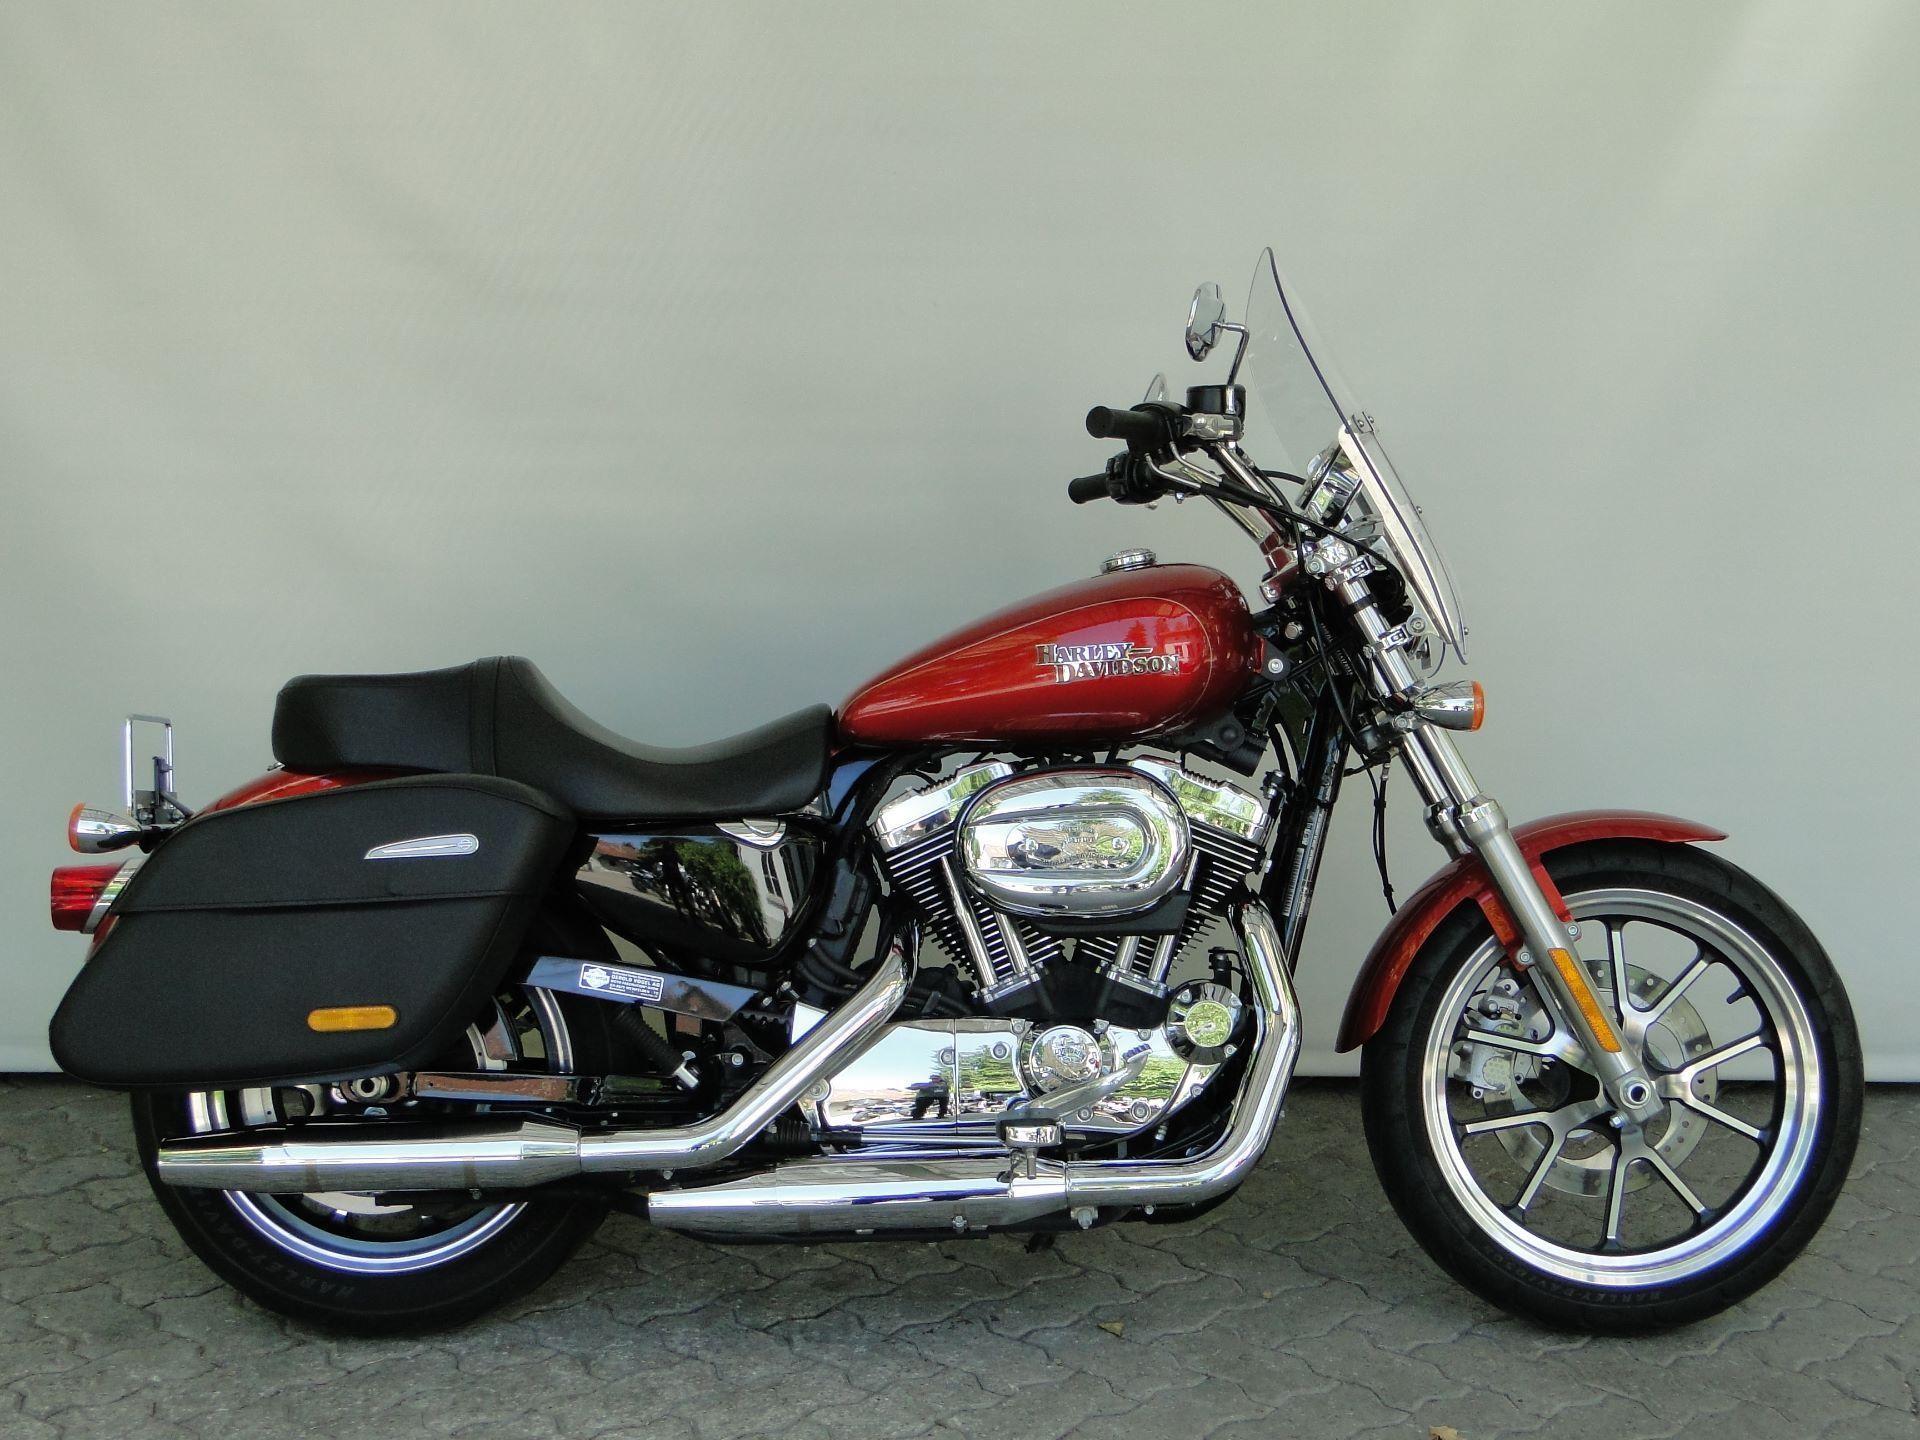 motorrad occasion kaufen harley davidson xl 1200 t sportster superlow hobi moto ag winterthur. Black Bedroom Furniture Sets. Home Design Ideas